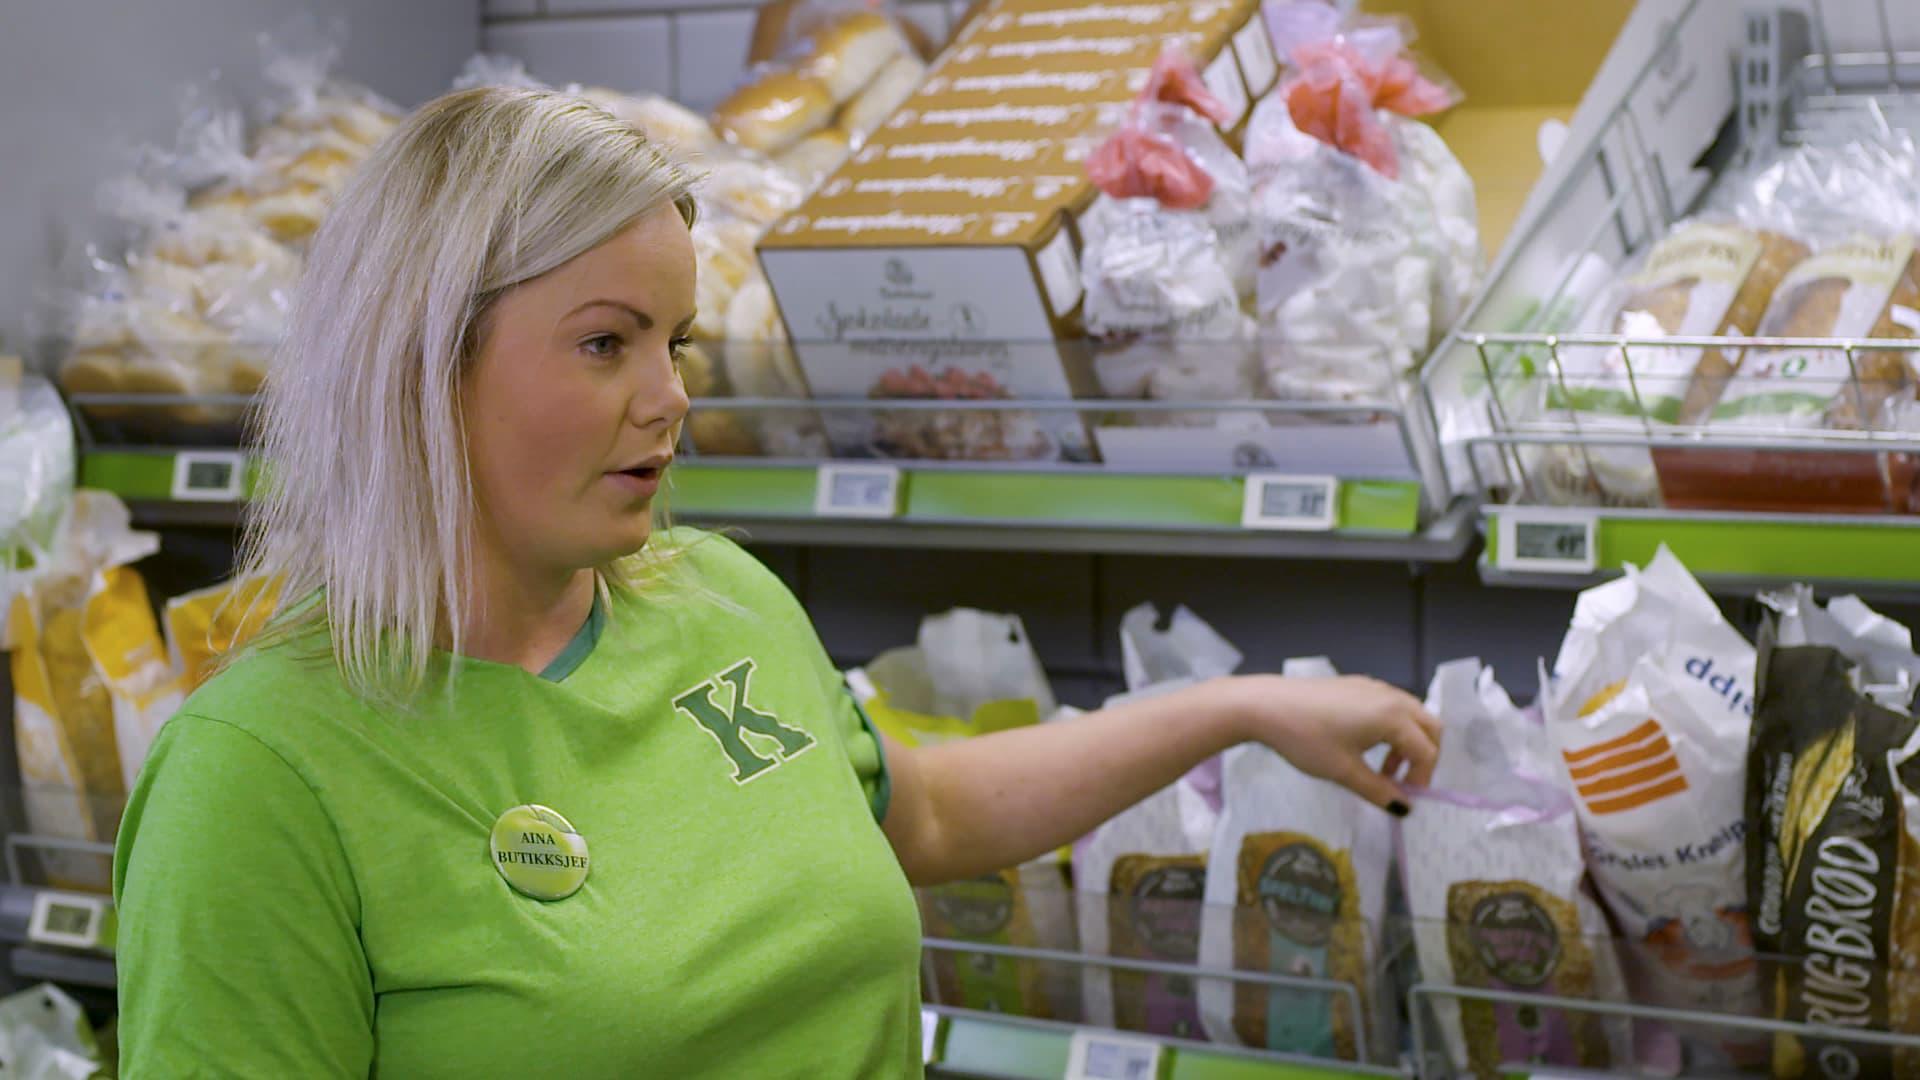 Butikksjef i KIWI Gullhaug, Aina Olsen har blant annet lært familien om riktig oppbevaring av frukt og grønt, organisering av kjøleskap og andre tips til mindre matsvinn.